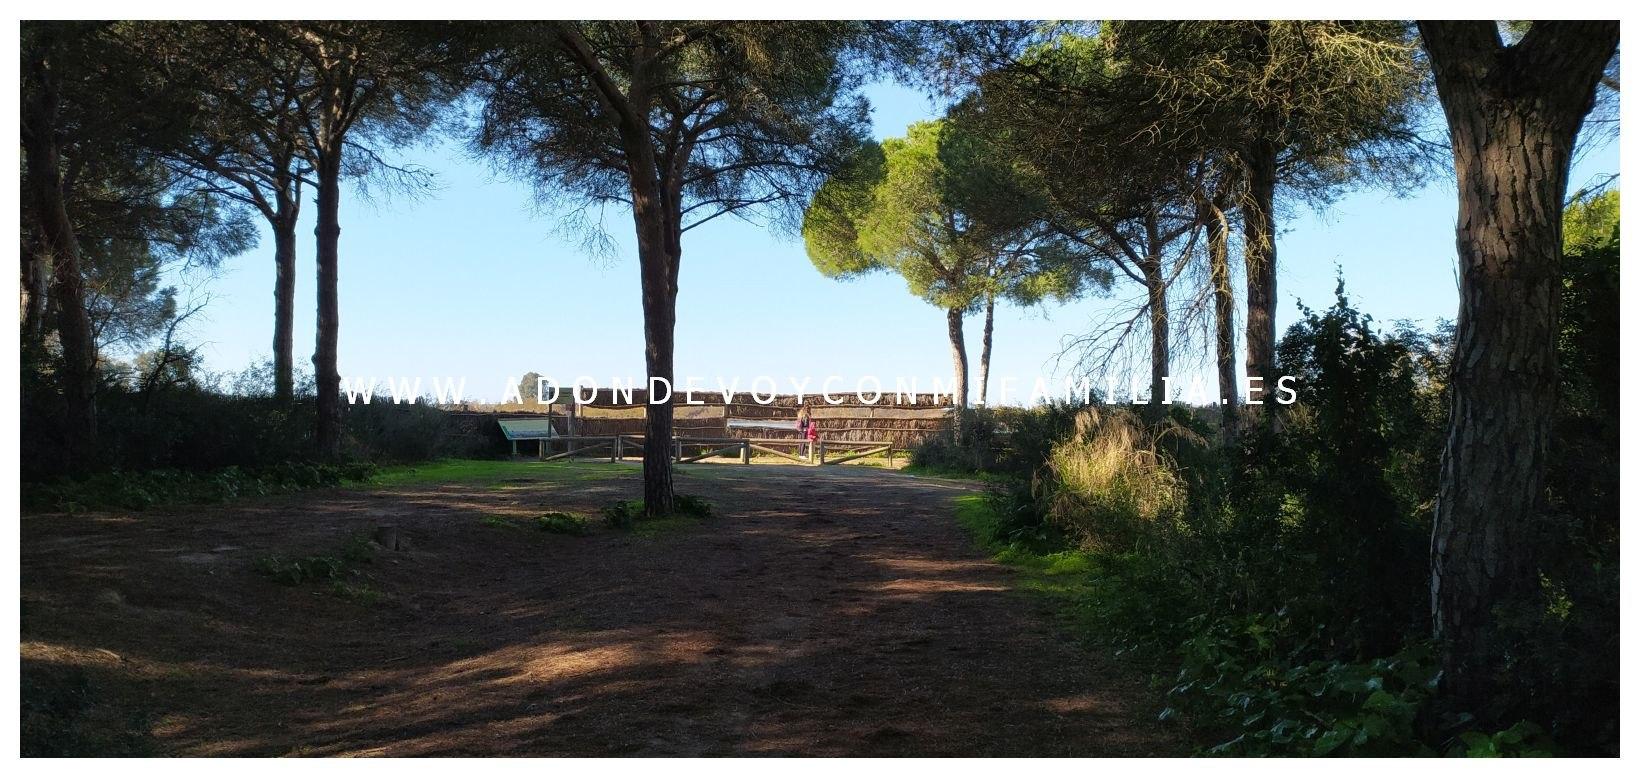 sendero-cerro-del-aguila-pinar-de-la-algaida-sanlucar-adondevoyconmifamilia-22